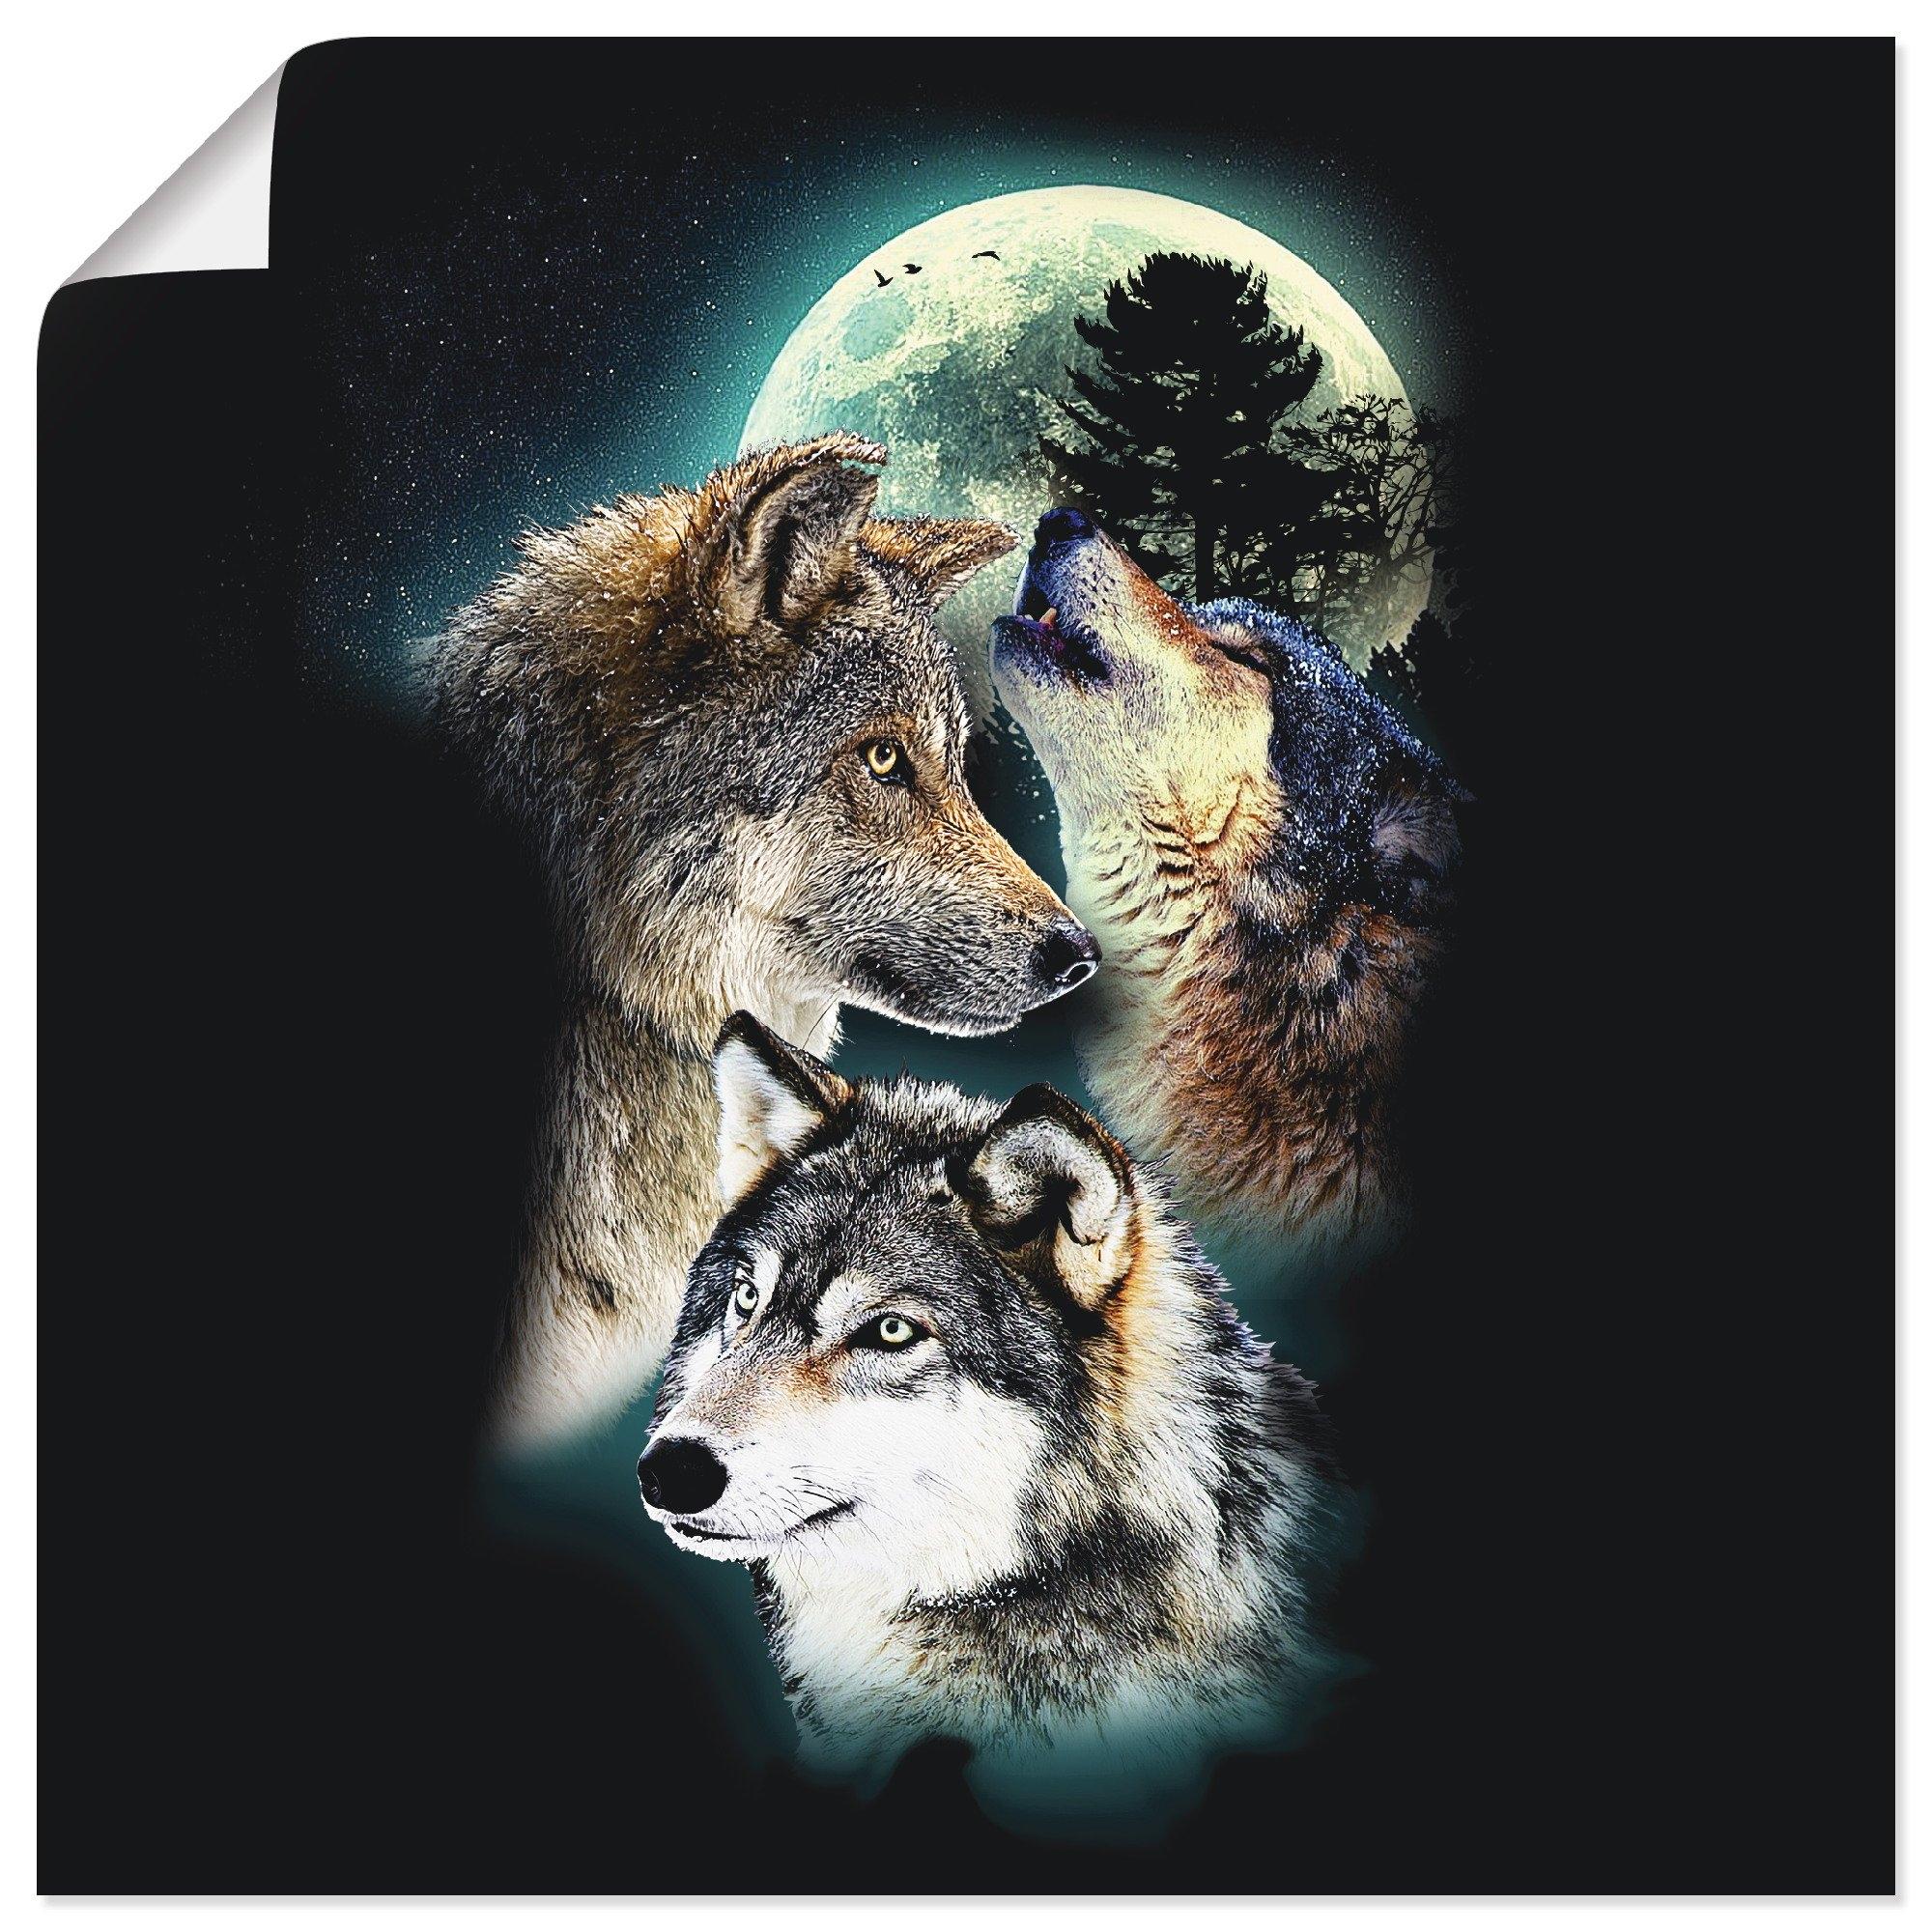 Artland artprint Fantasie wolf wolven met maan in vele afmetingen & productsoorten - artprint van aluminium / artprint voor buiten, artprint op linnen, poster, muursticker / wandfolie ook geschikt voor de badkamer (1 stuk) nu online kopen bij OTTO